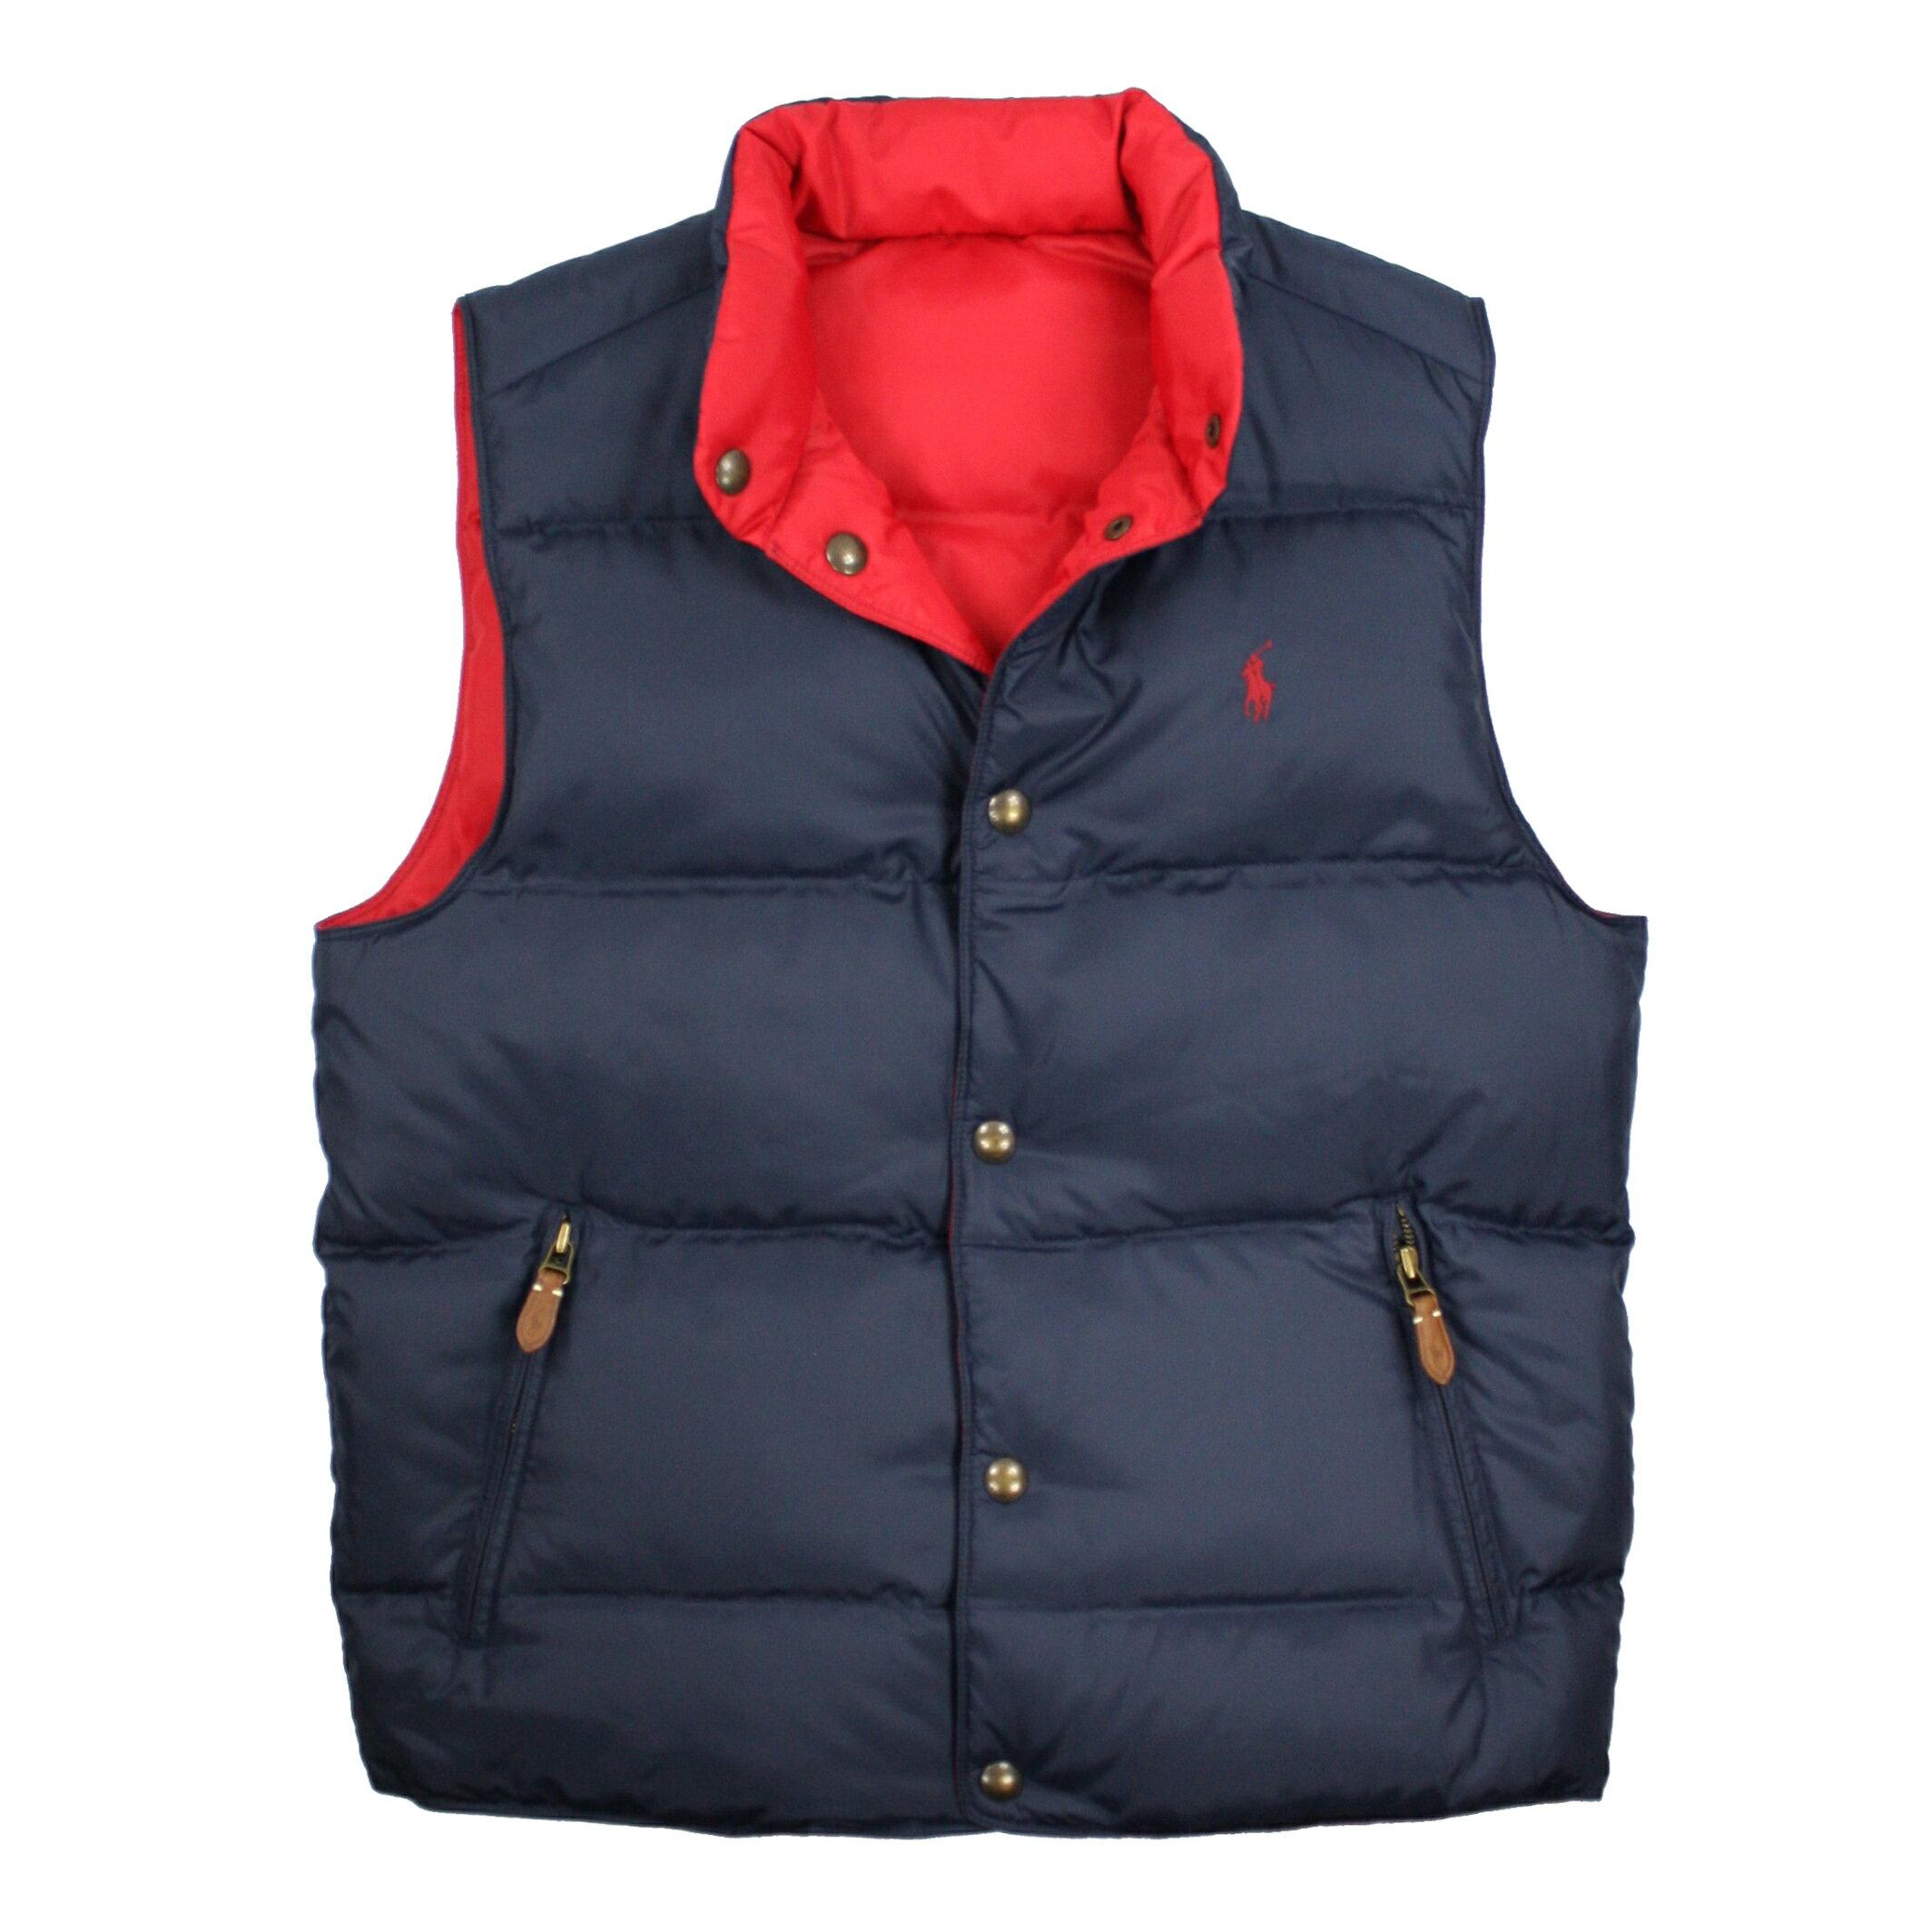 美國百分百【Ralph Lauren】背心 RL 外套 Polo 小馬 羽絨 雙面 紅 藍 男衣 S XXL A476